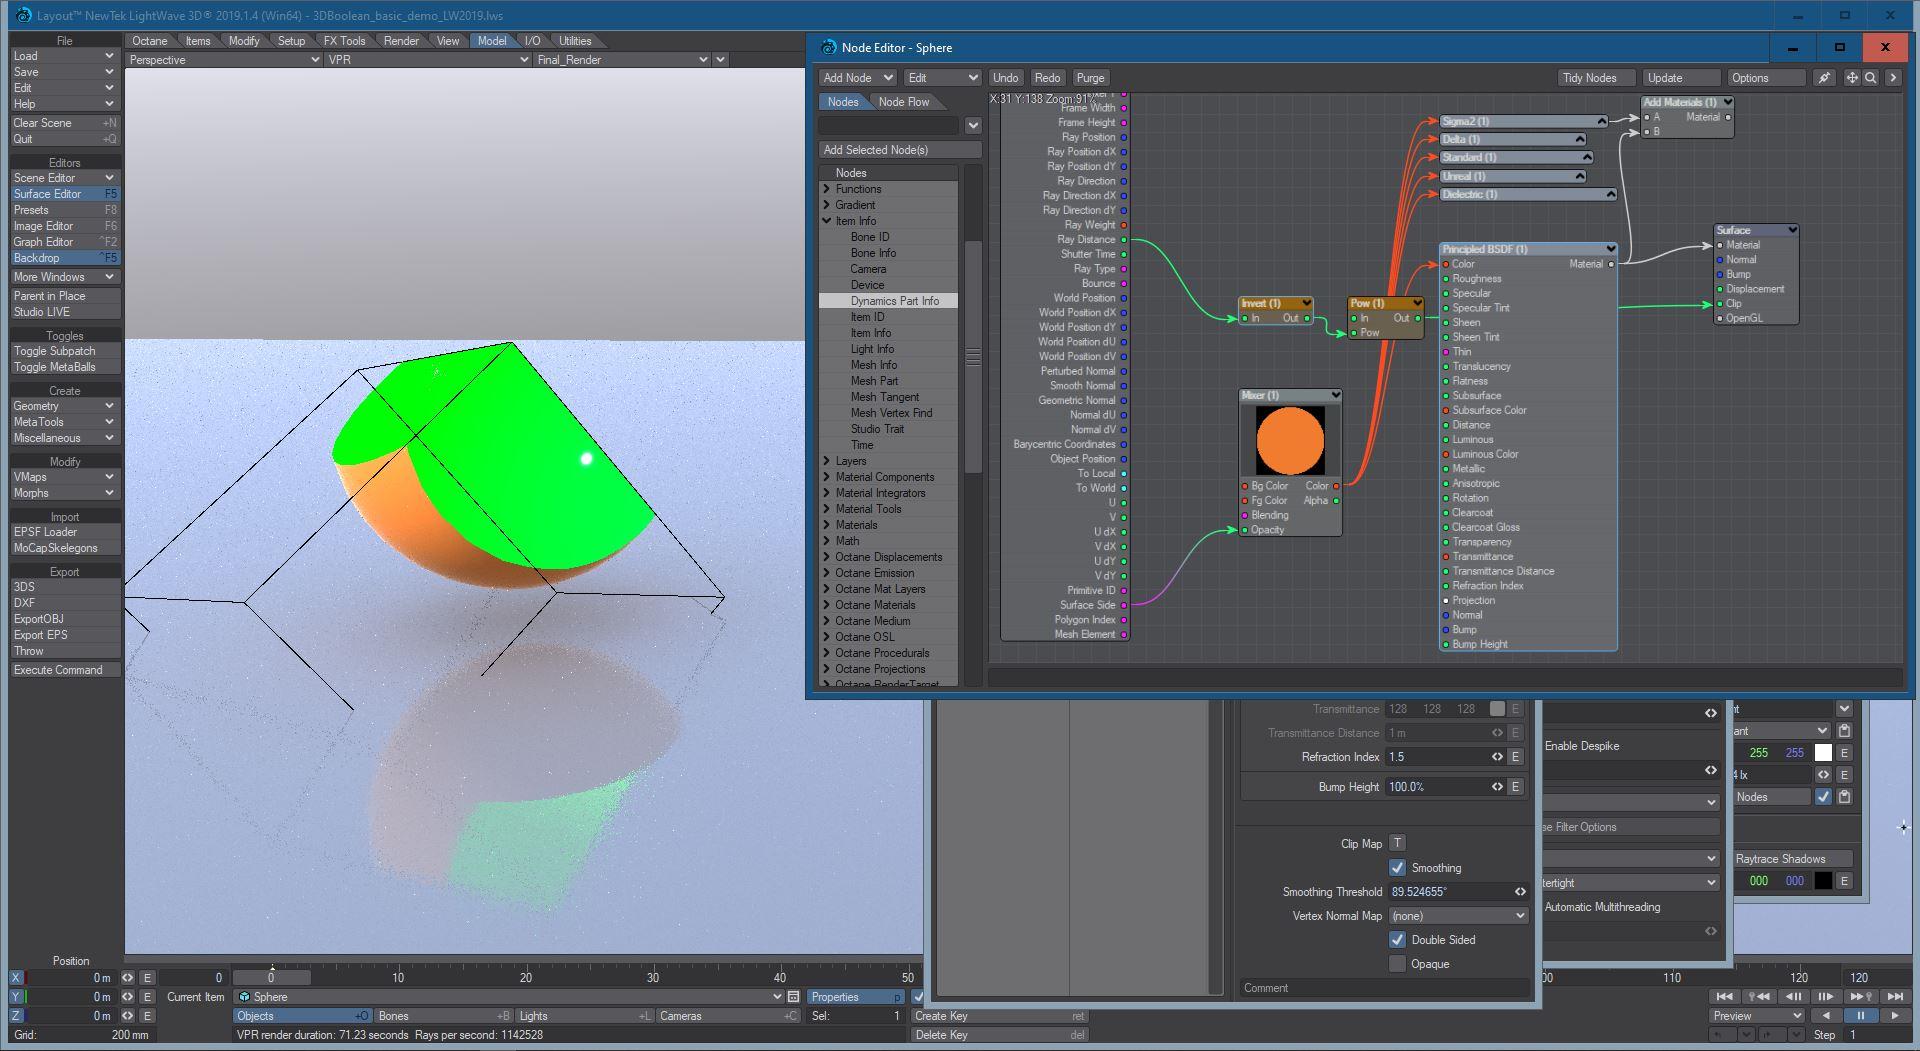 Nome: 2020-02-14 14_24_37-Layout™ NewTek LightWave 3D® 2019.1.4 (Win64) - 3DBoolean_basic_demo_LW2019..jpg Visite: 93 Dimensione: 262.1 KB